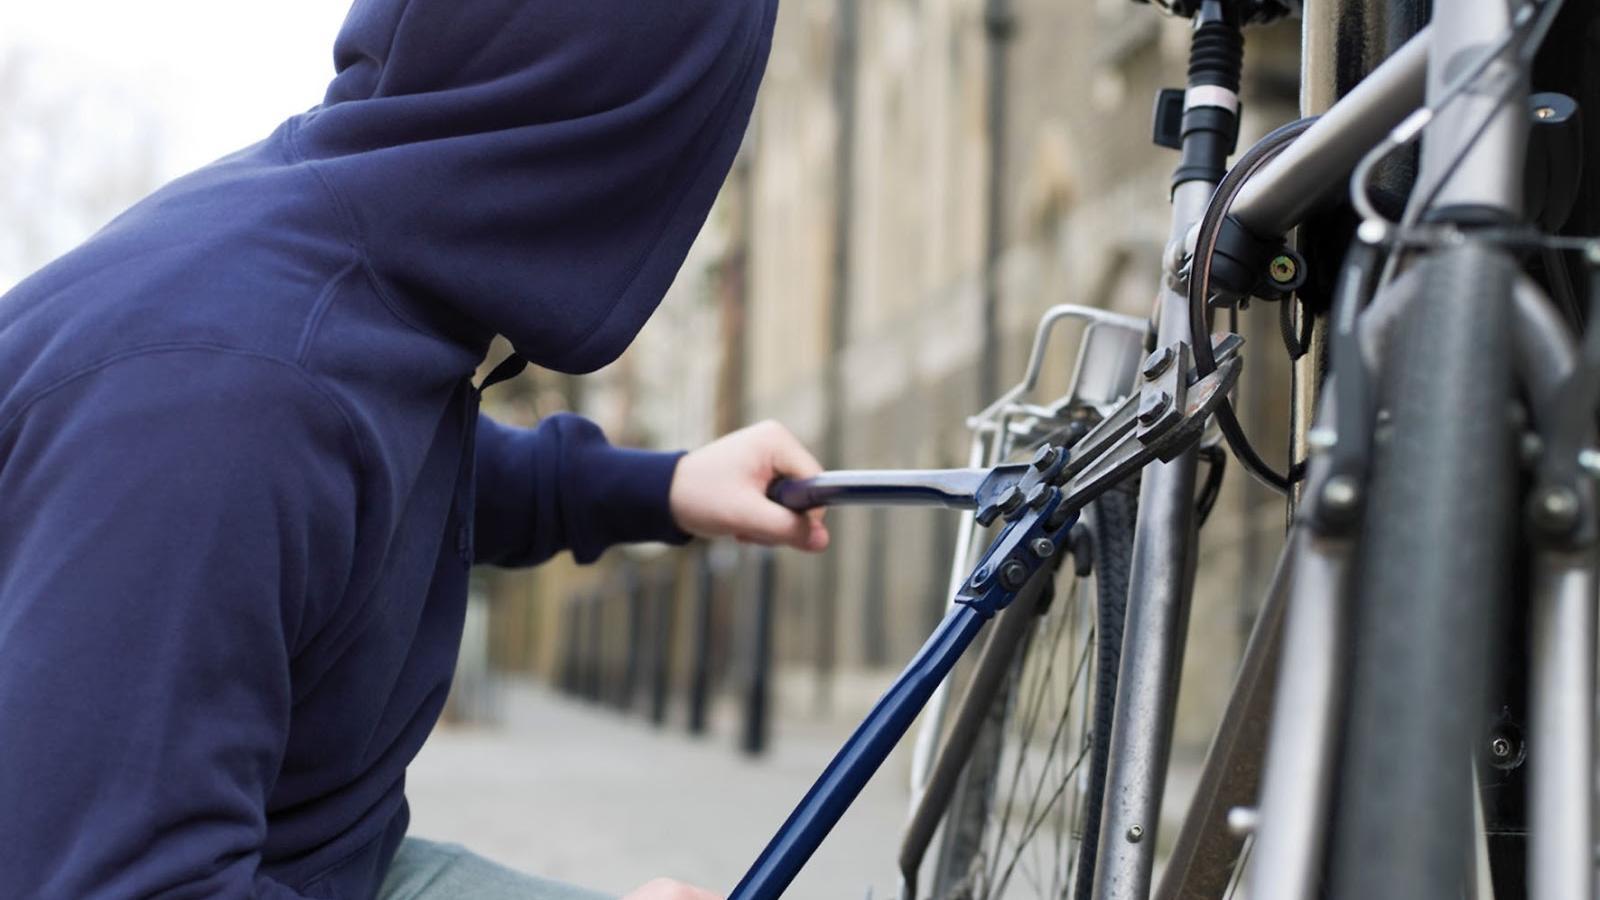 страхование велосипеда от кражи полагаешь